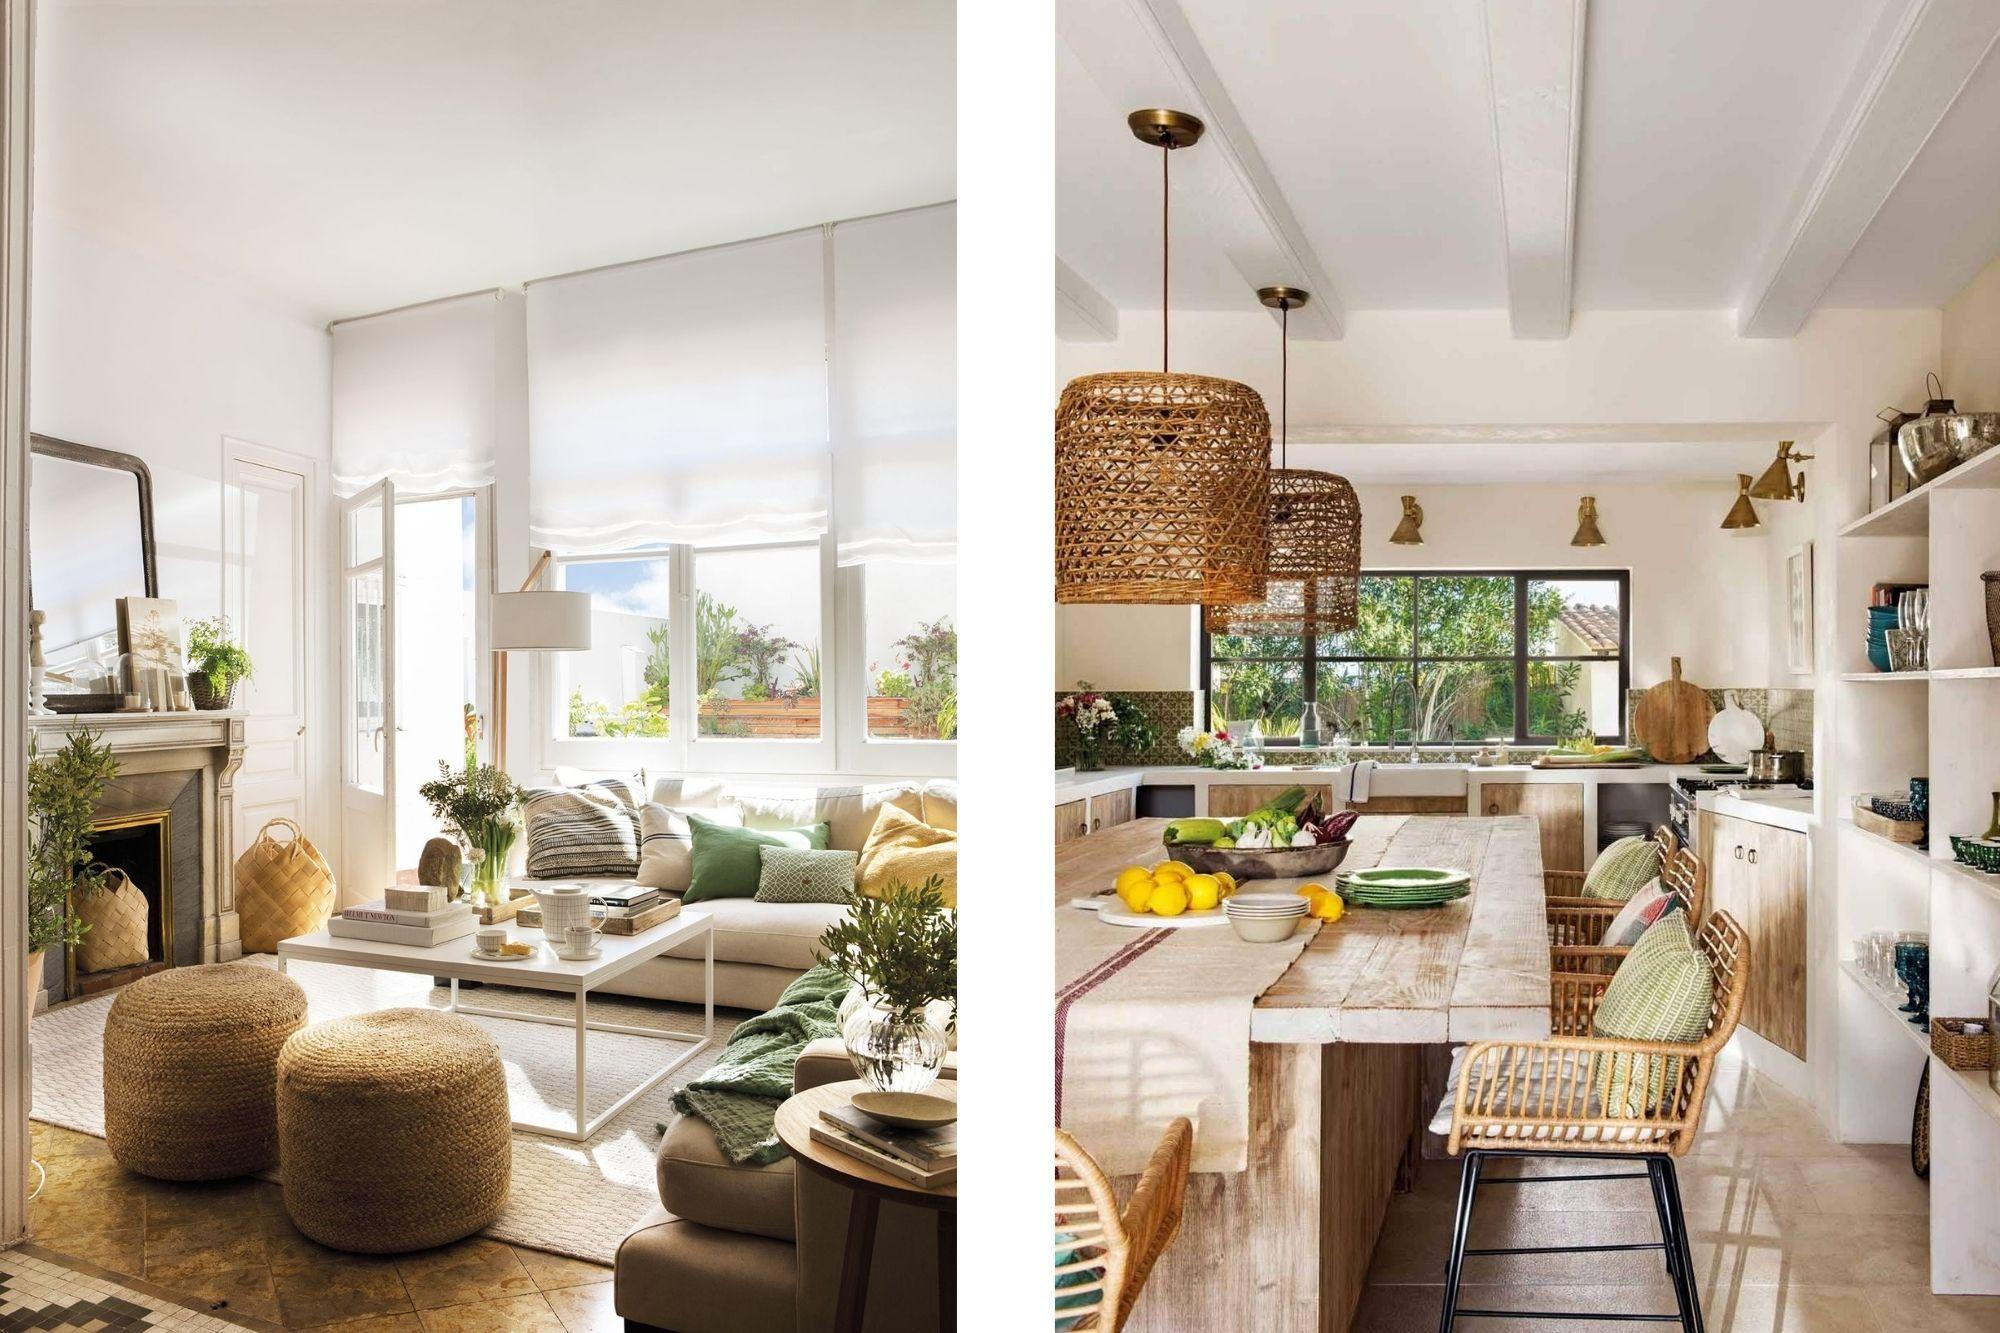 Tendencias decoracion primavera 2021 inspiracion de cocina y salon